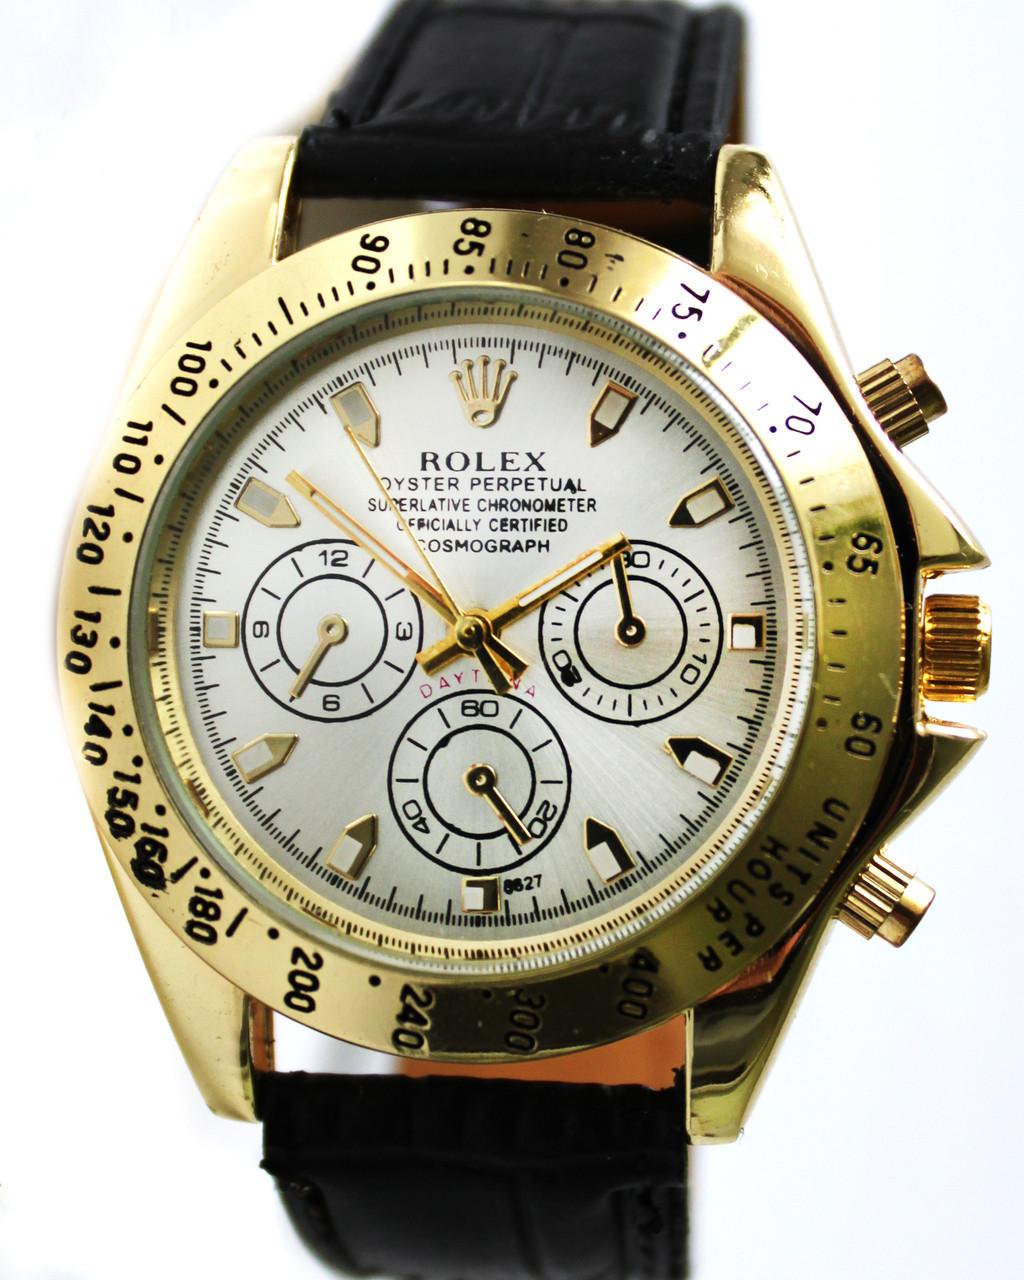 3b6302f57975 Механические часы Rolex Daytona - OptMan - самые низкие цены в Украине в  Харькове